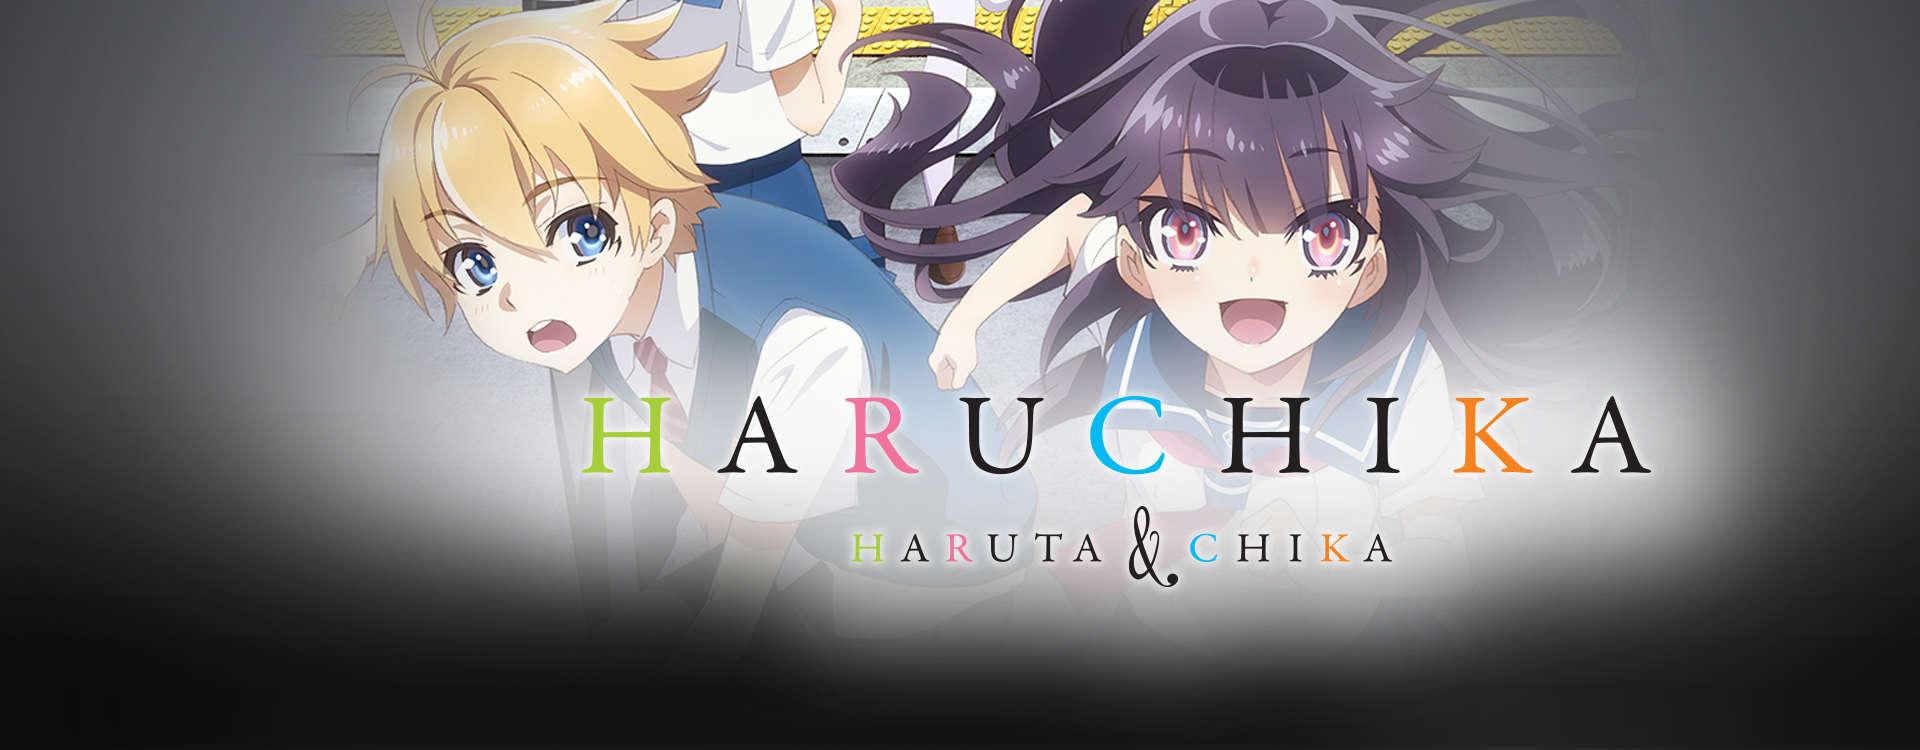 Haruchika - Haruta & Chika